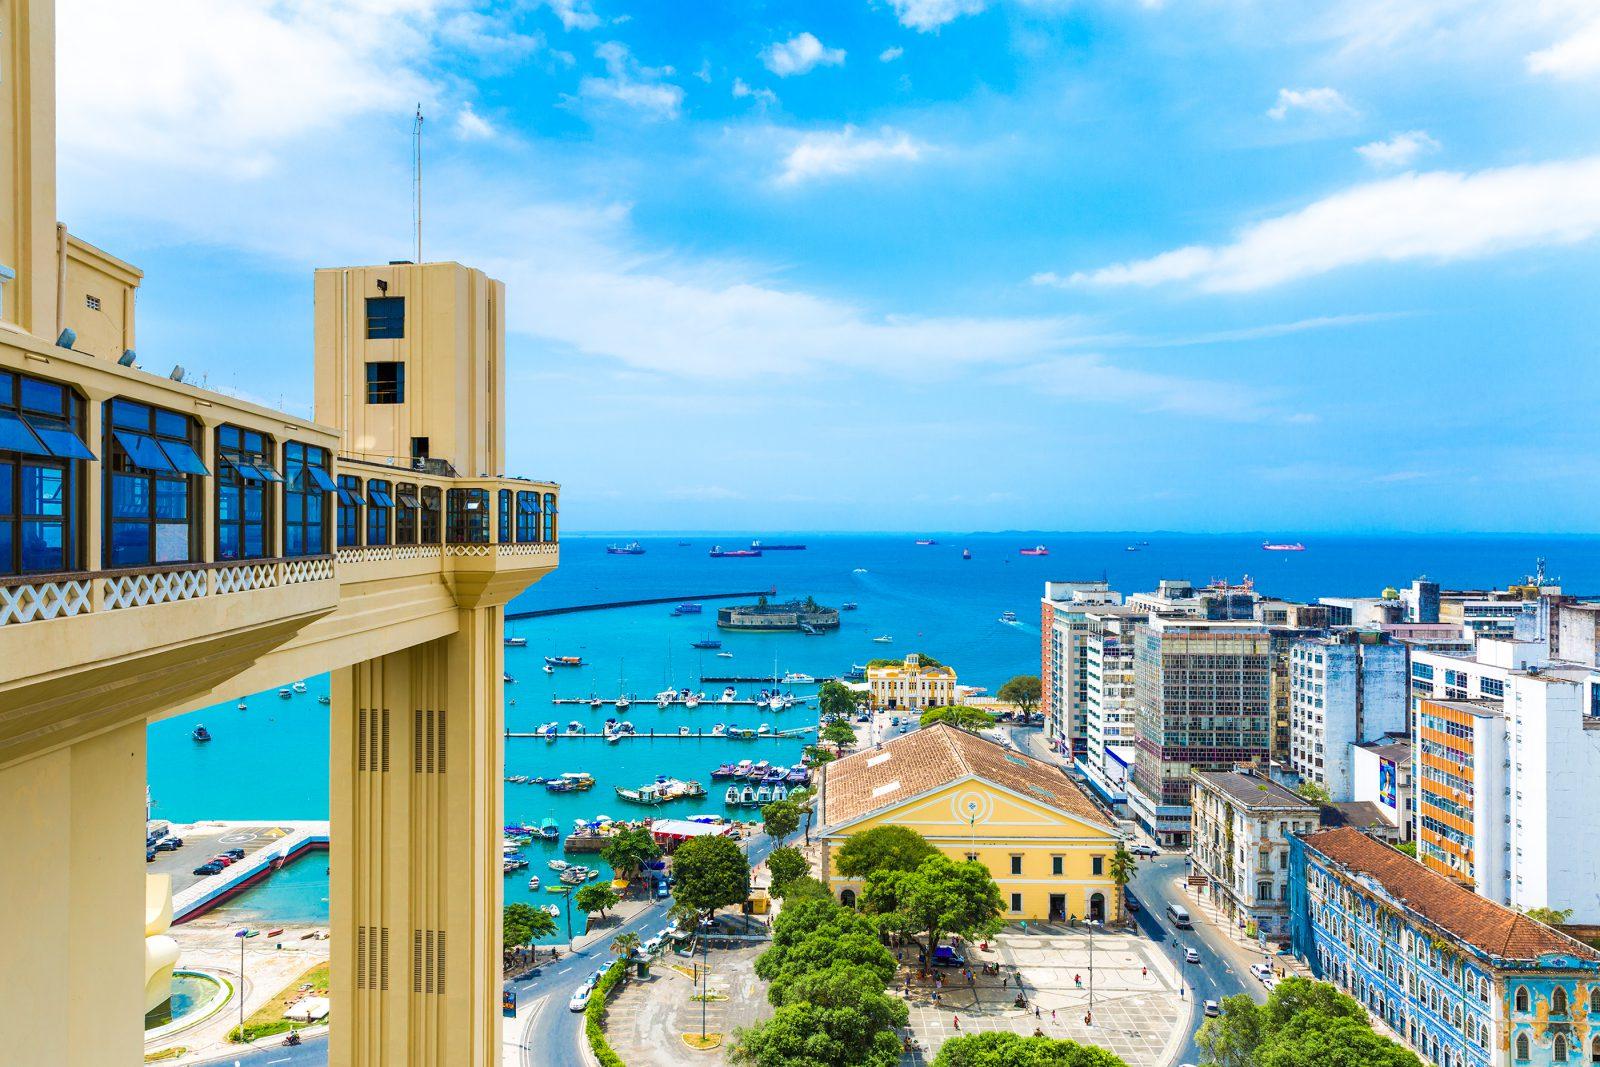 En 1873 se instaló en Salvador el primer elevador de Brasil, el Elevador Lacerda, que conecta la ciudad baja con la ciudad alta. Desde entonces este elevador ha sido un ícono de la ciudad.